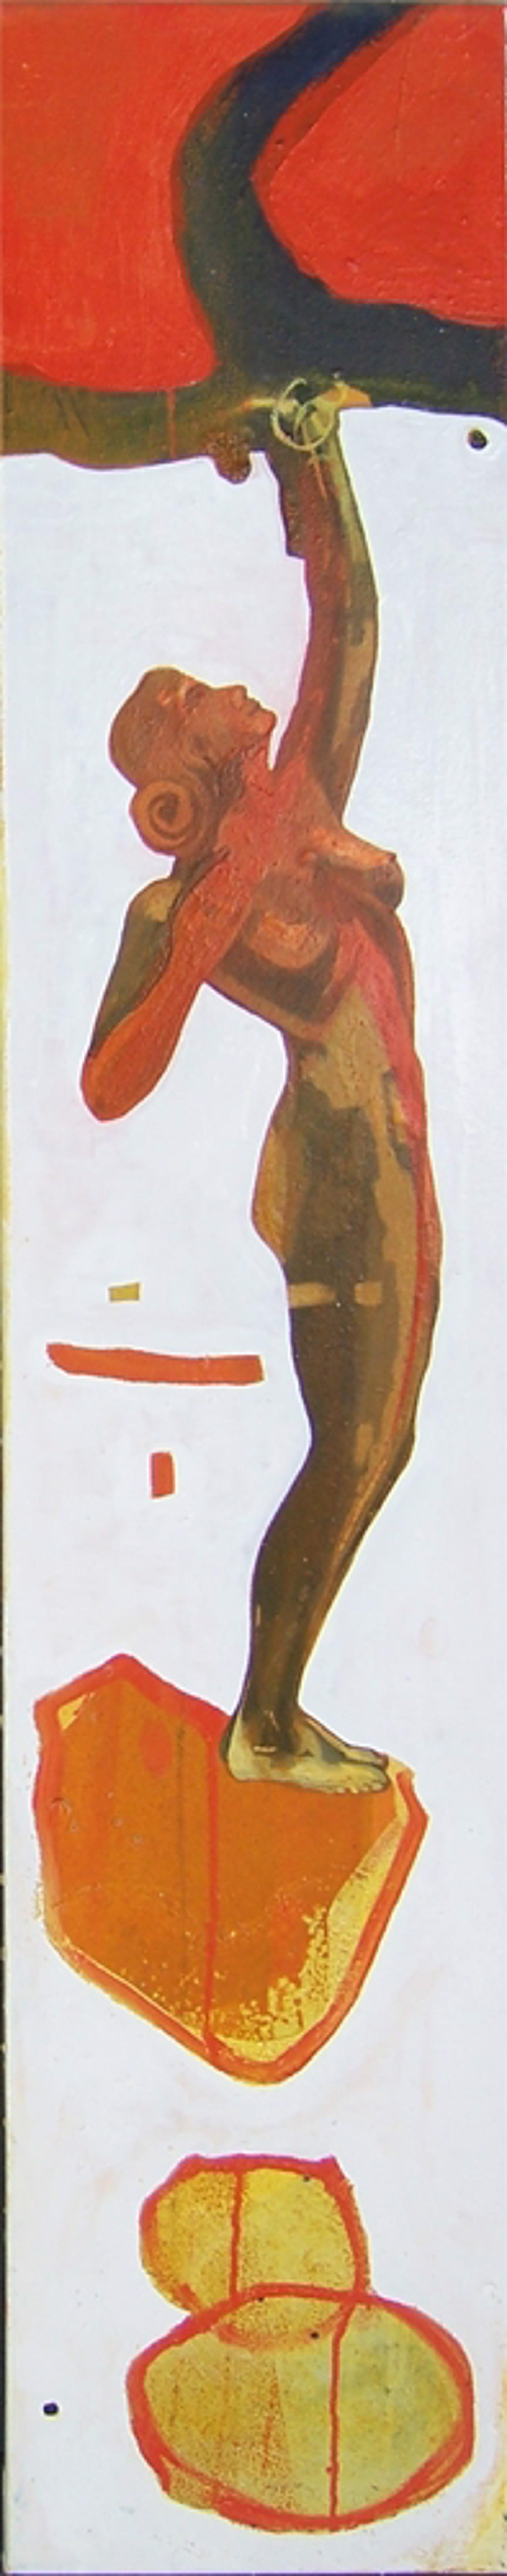 Ziel vor Augen by Hans Joerg Fuerpass